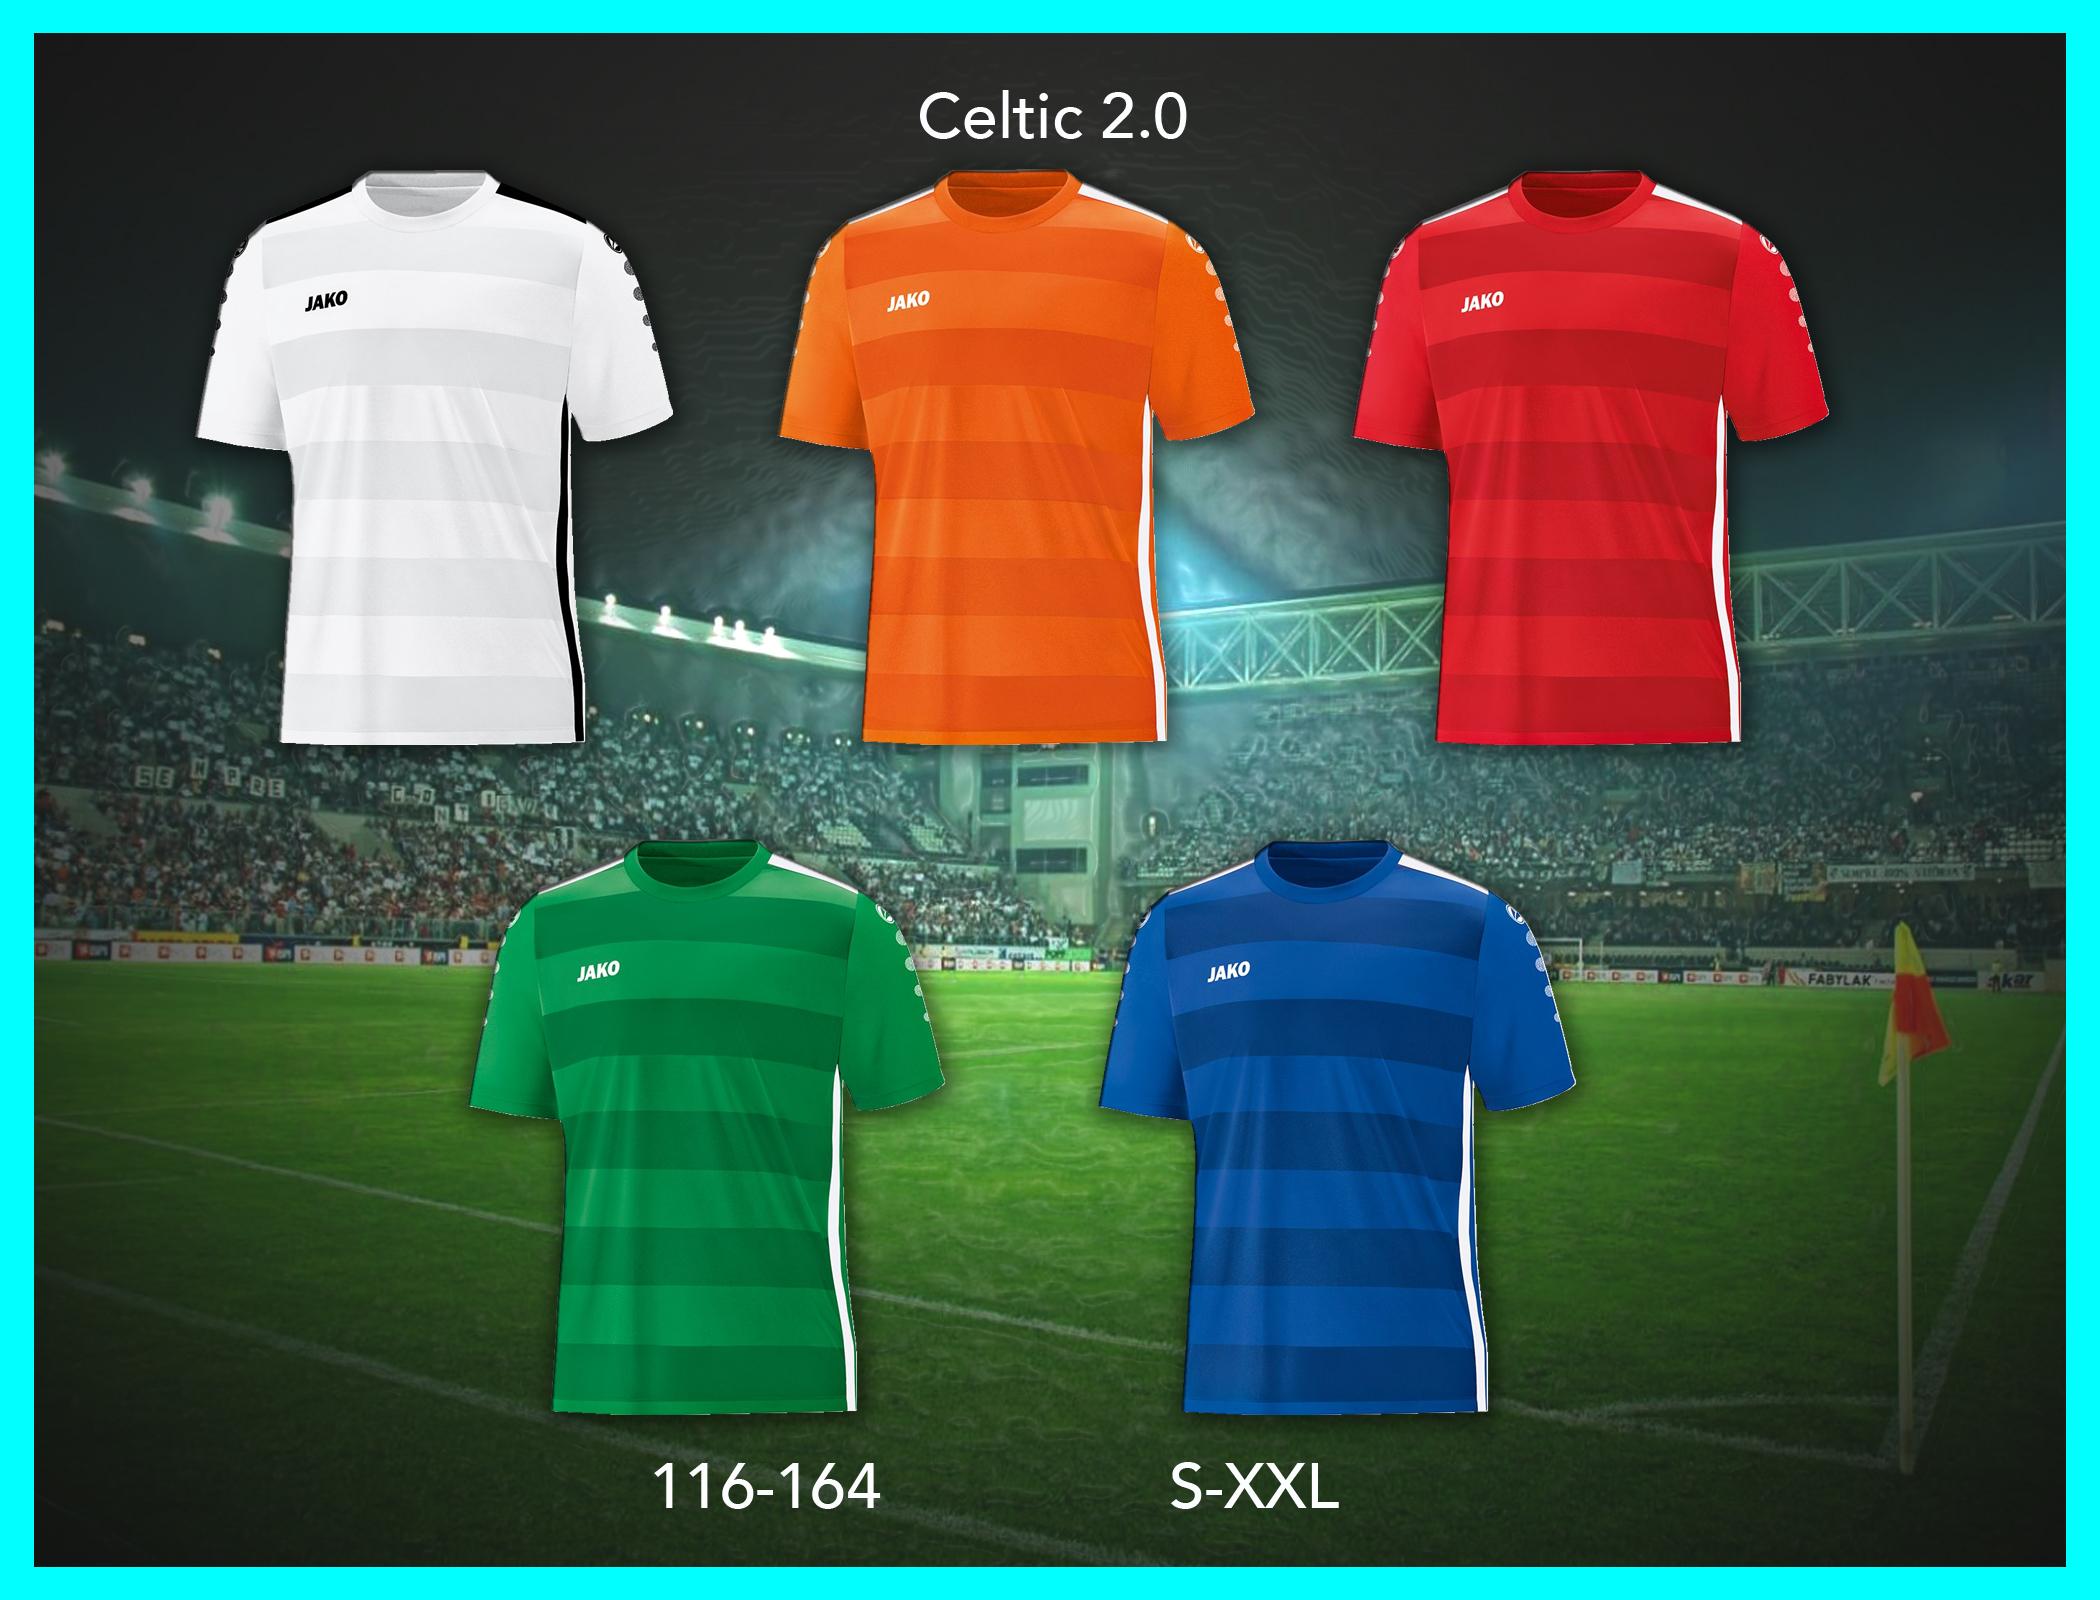 jalkapallopaita celtic 2.0/2